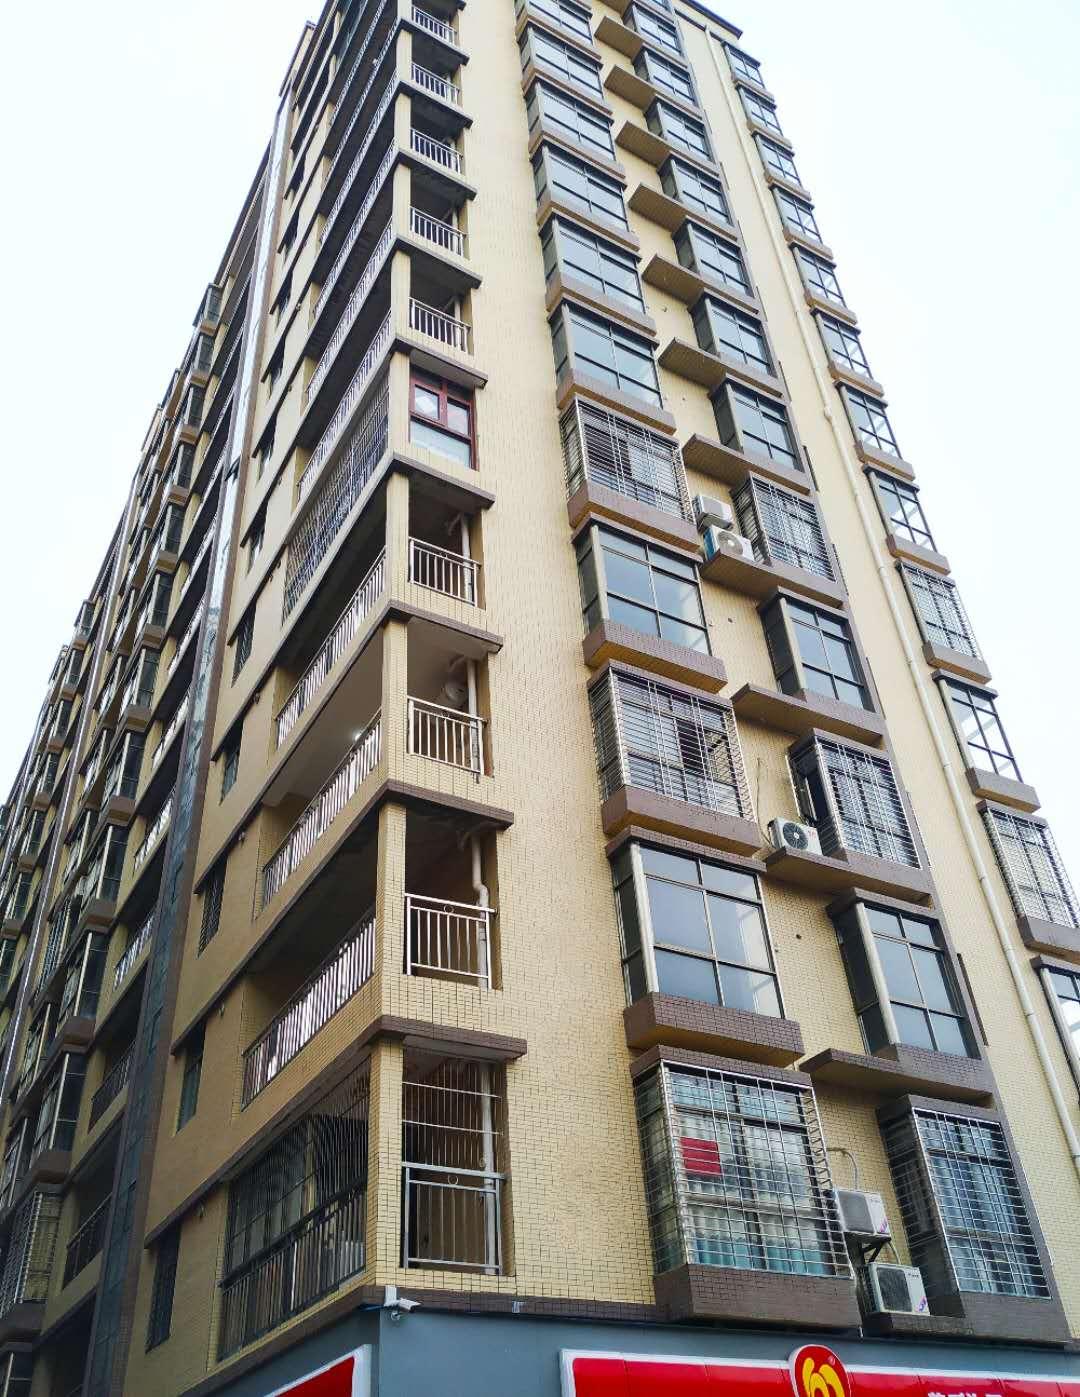 惠州大亚湾小产权房新盘-都市银坐 地铁14号线白云站约700米